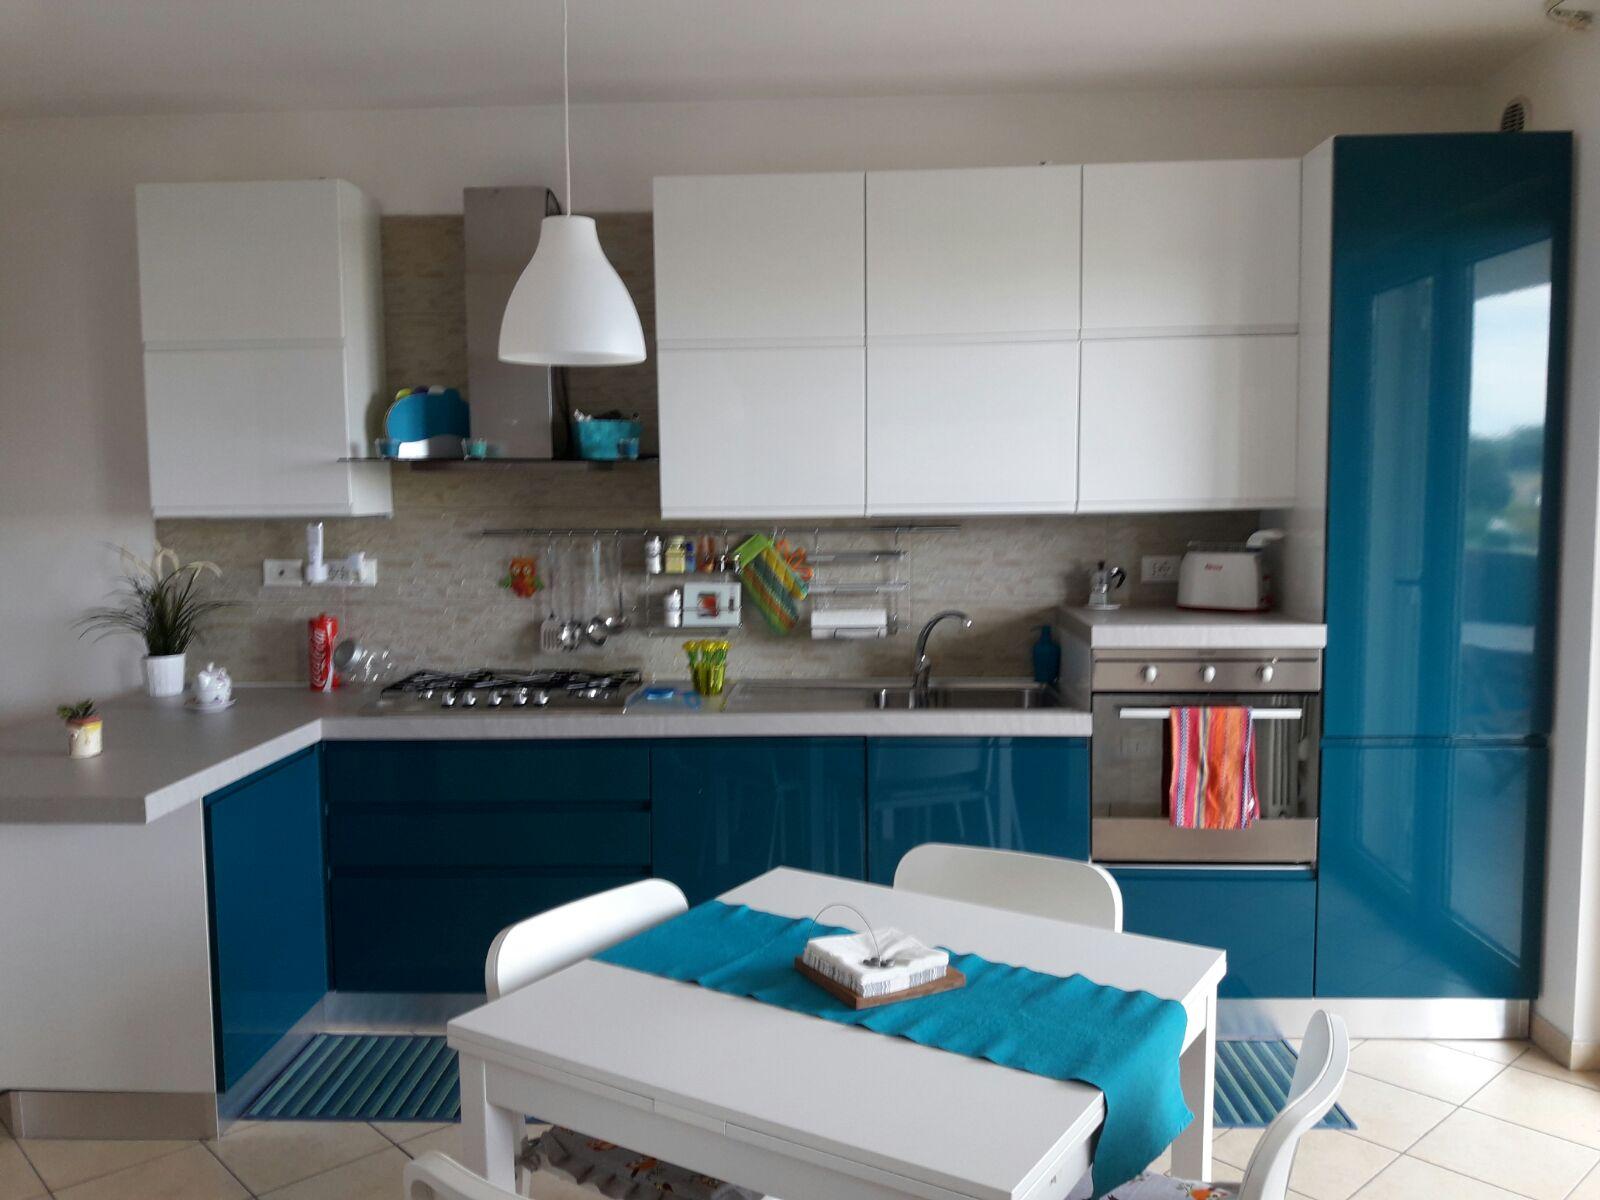 Appartamento in vendita a Tortoreto, 3 locali, zona Località: TortoretoLido, prezzo € 72.000 | CambioCasa.it